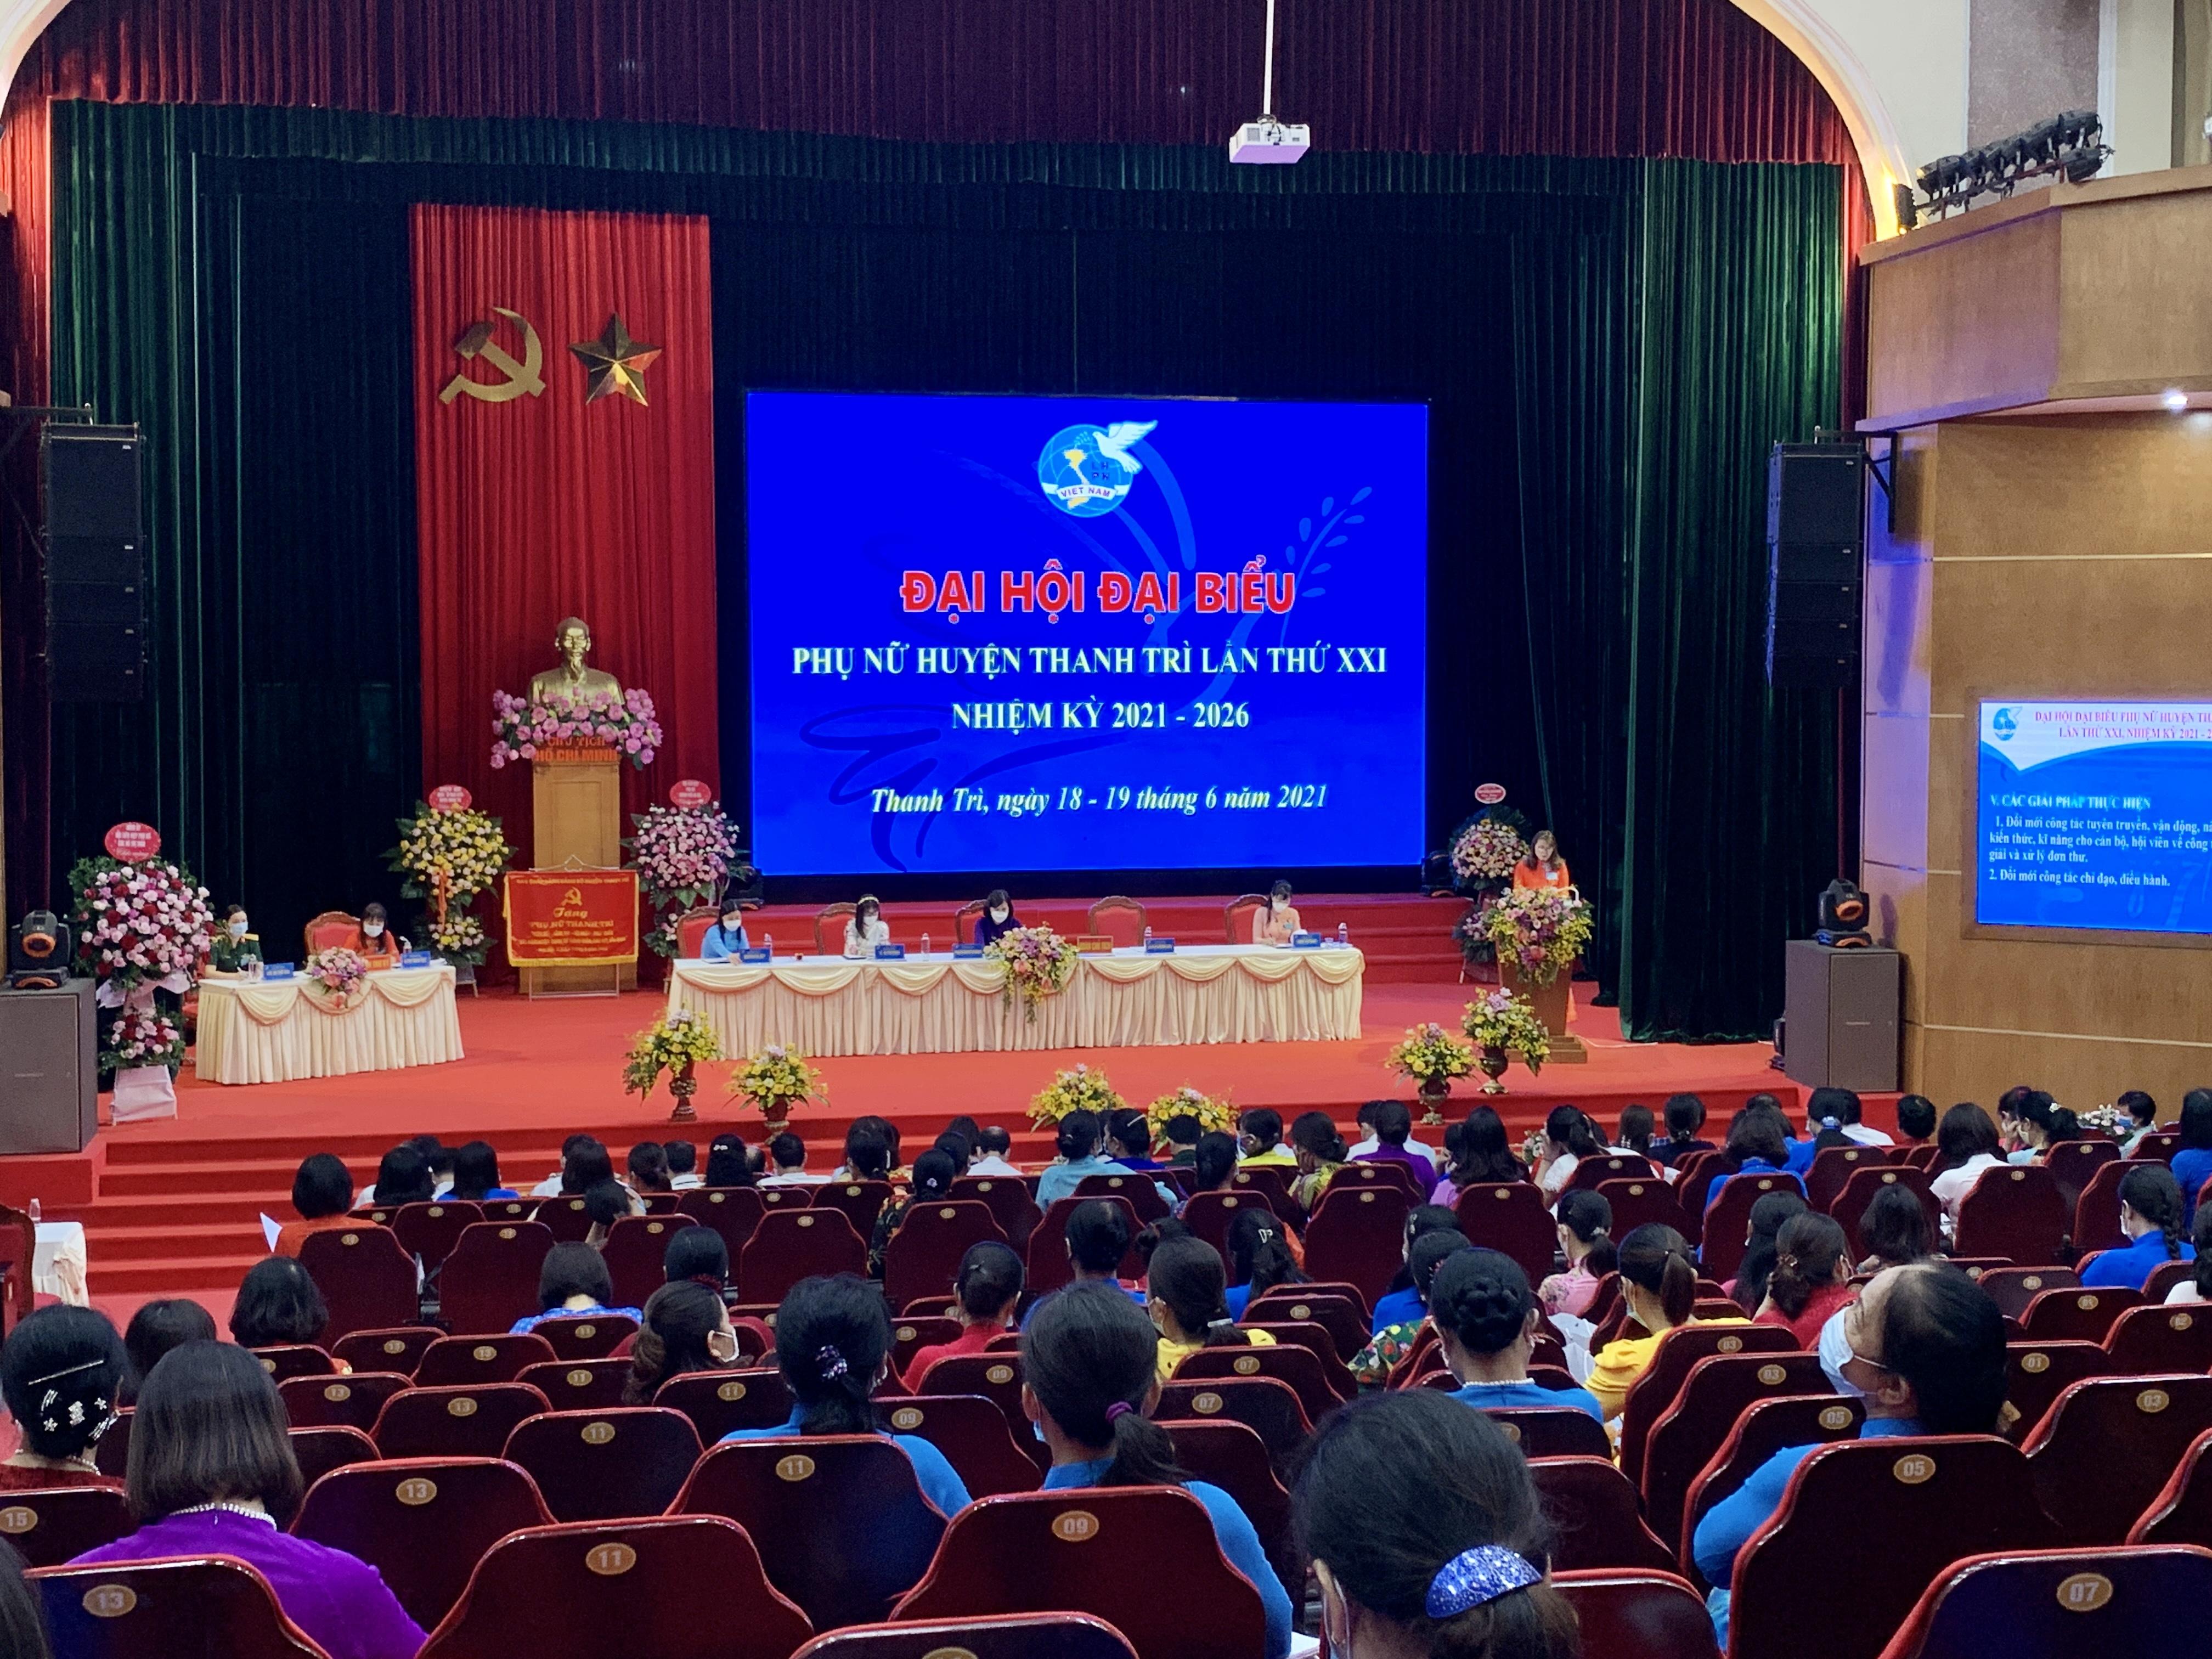 Toàn cảnh Đại hội Đại biểu phụ nữ huyện Thanh Trì lần thứ XXI nhiệm kỳ 2021-2026